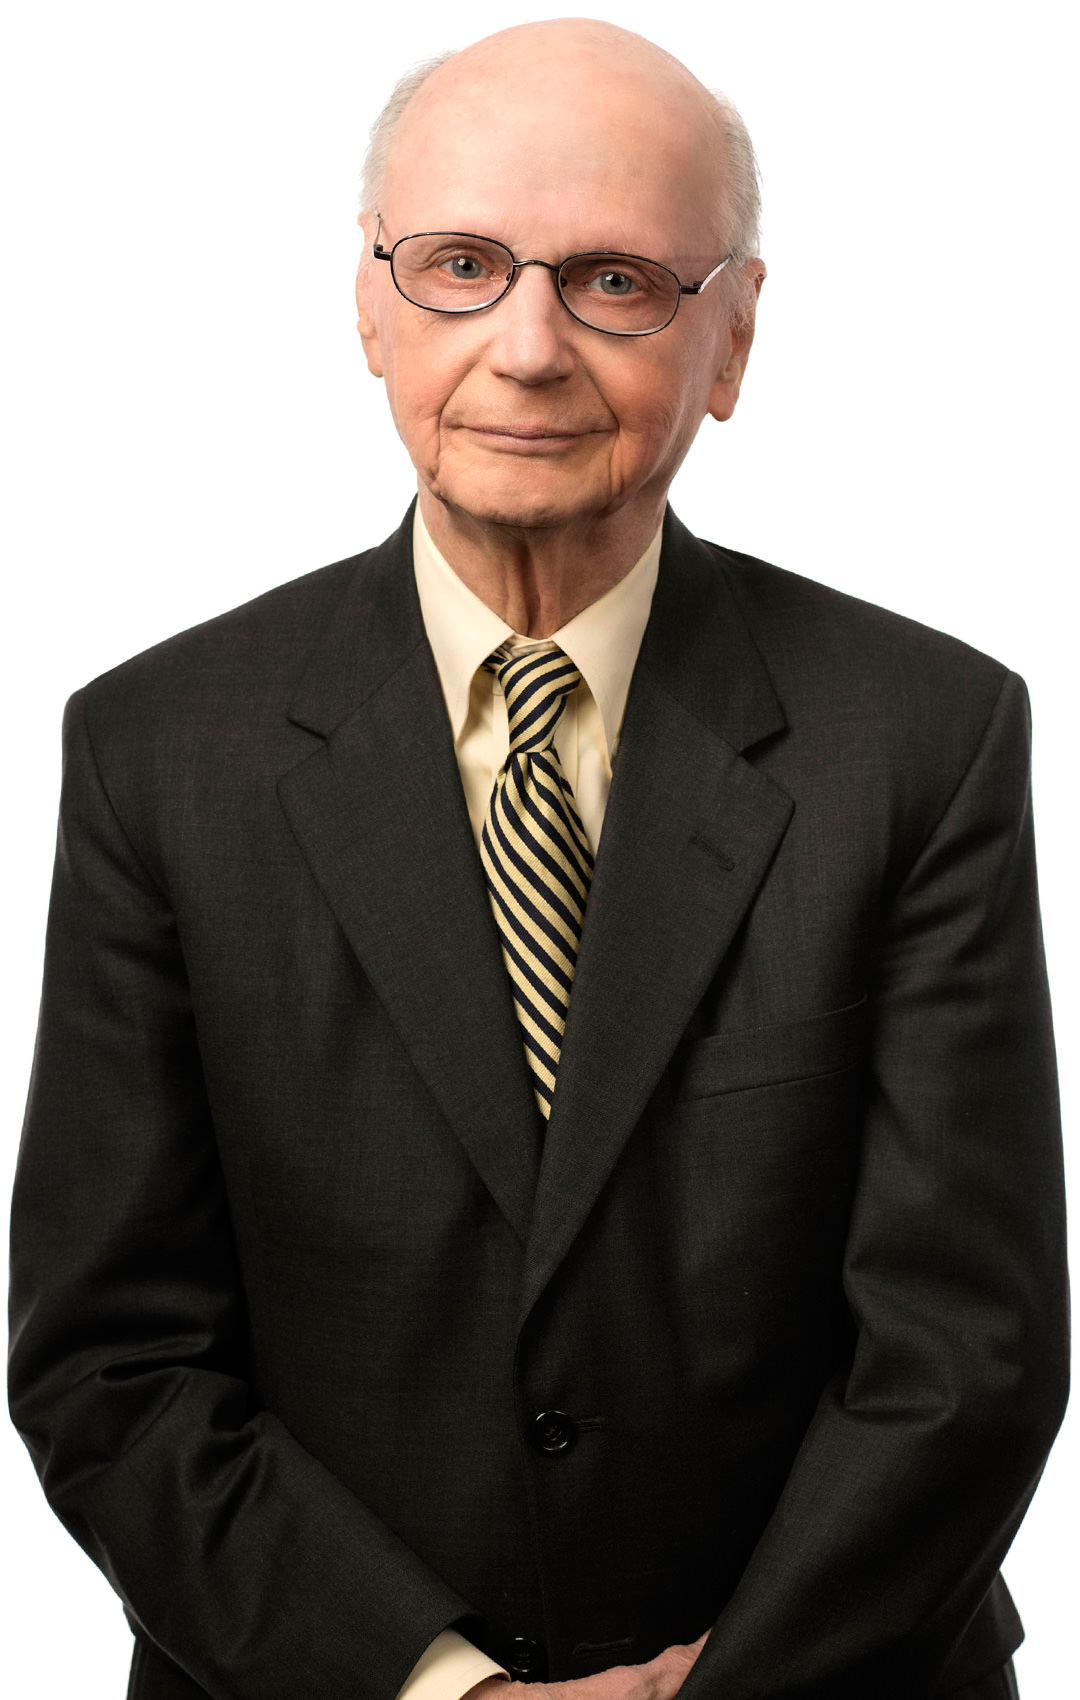 Richard W. Riley